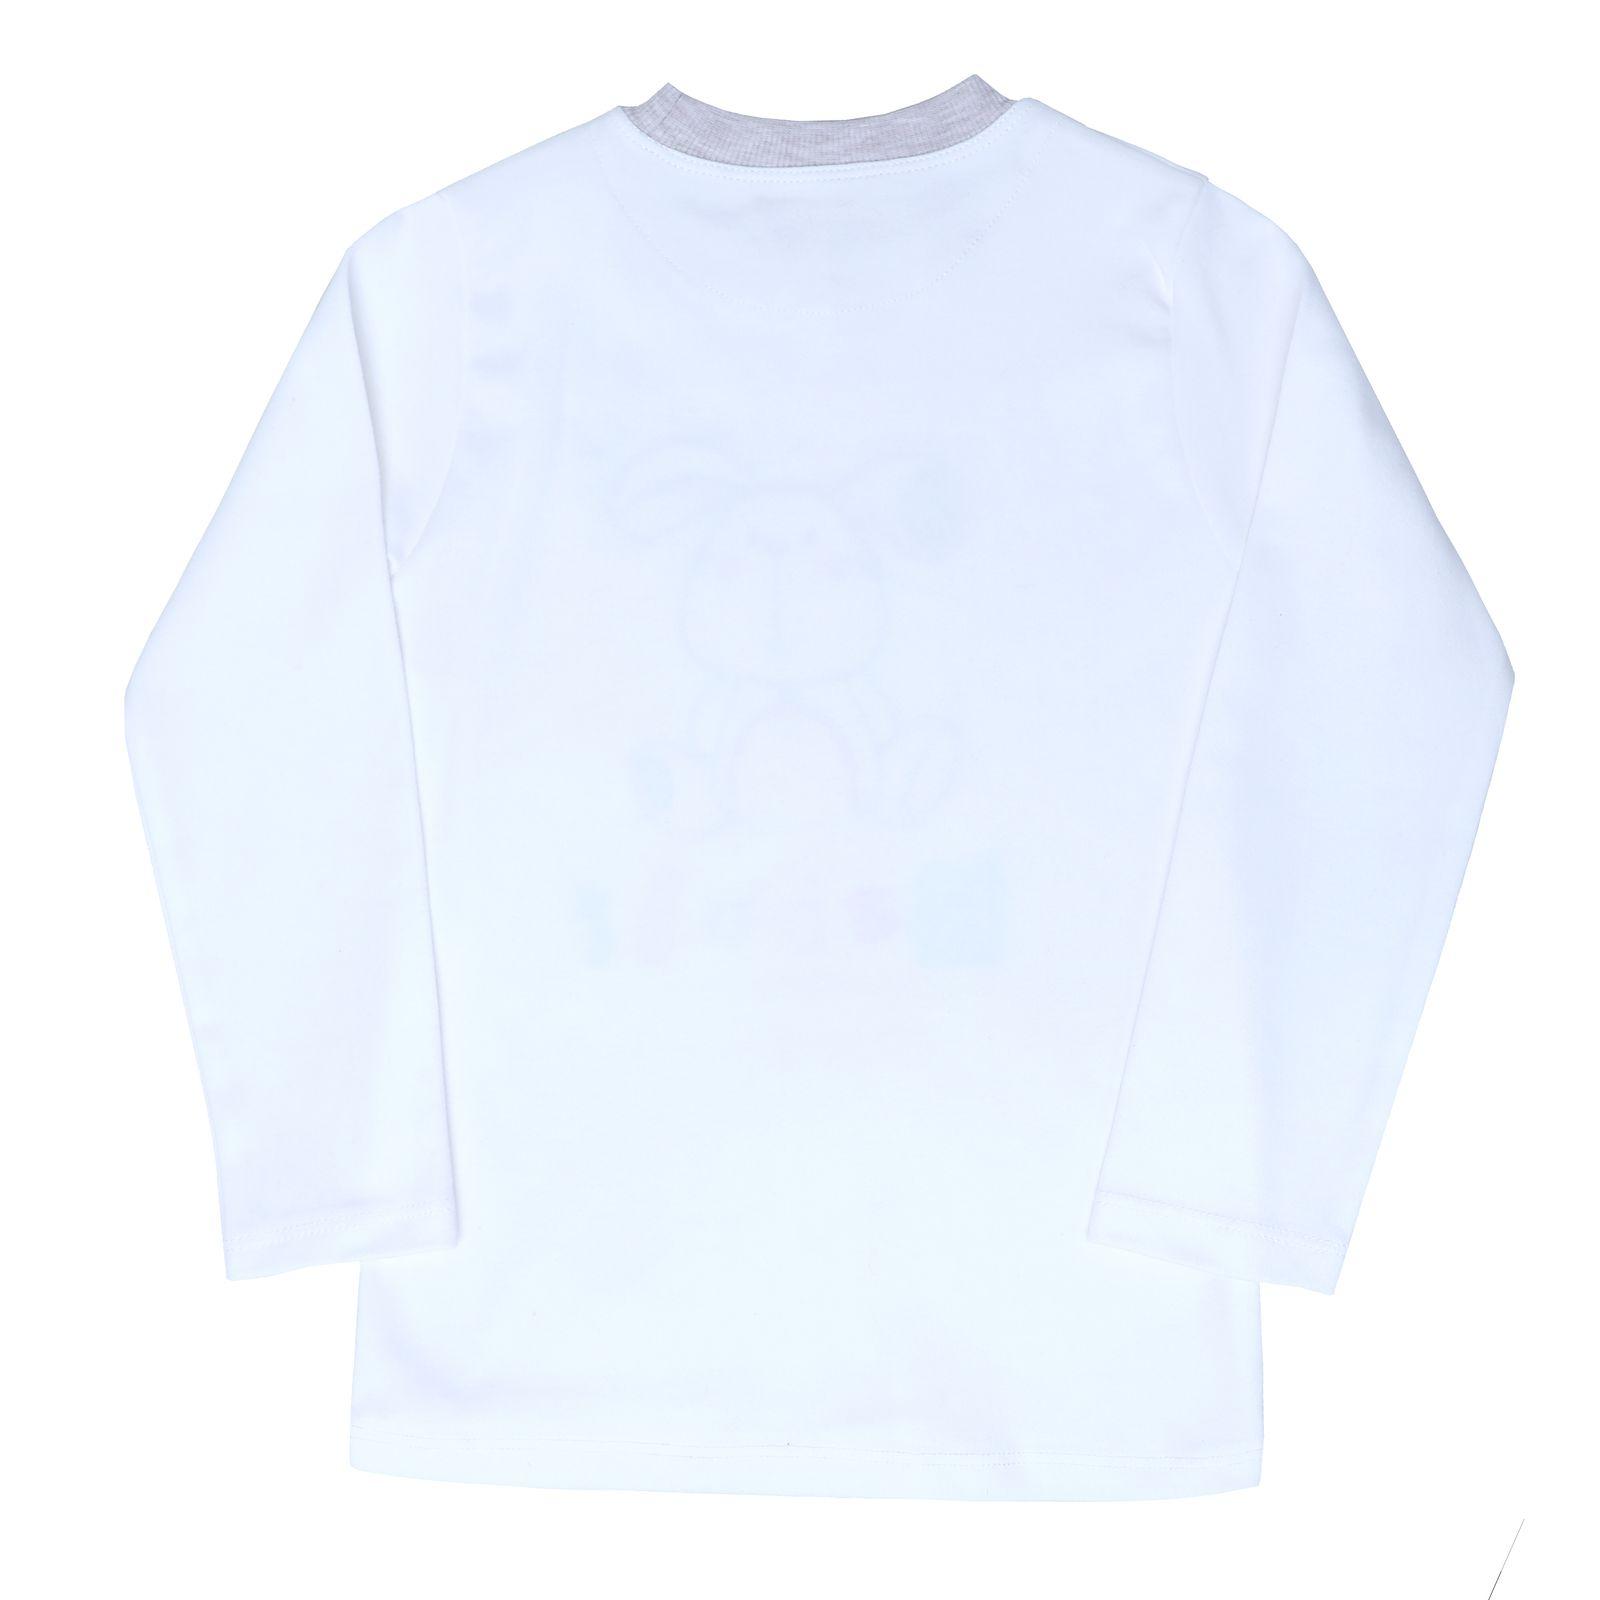 تی شرت نوزاد کلوتو مدل BB-W-833 -  - 3